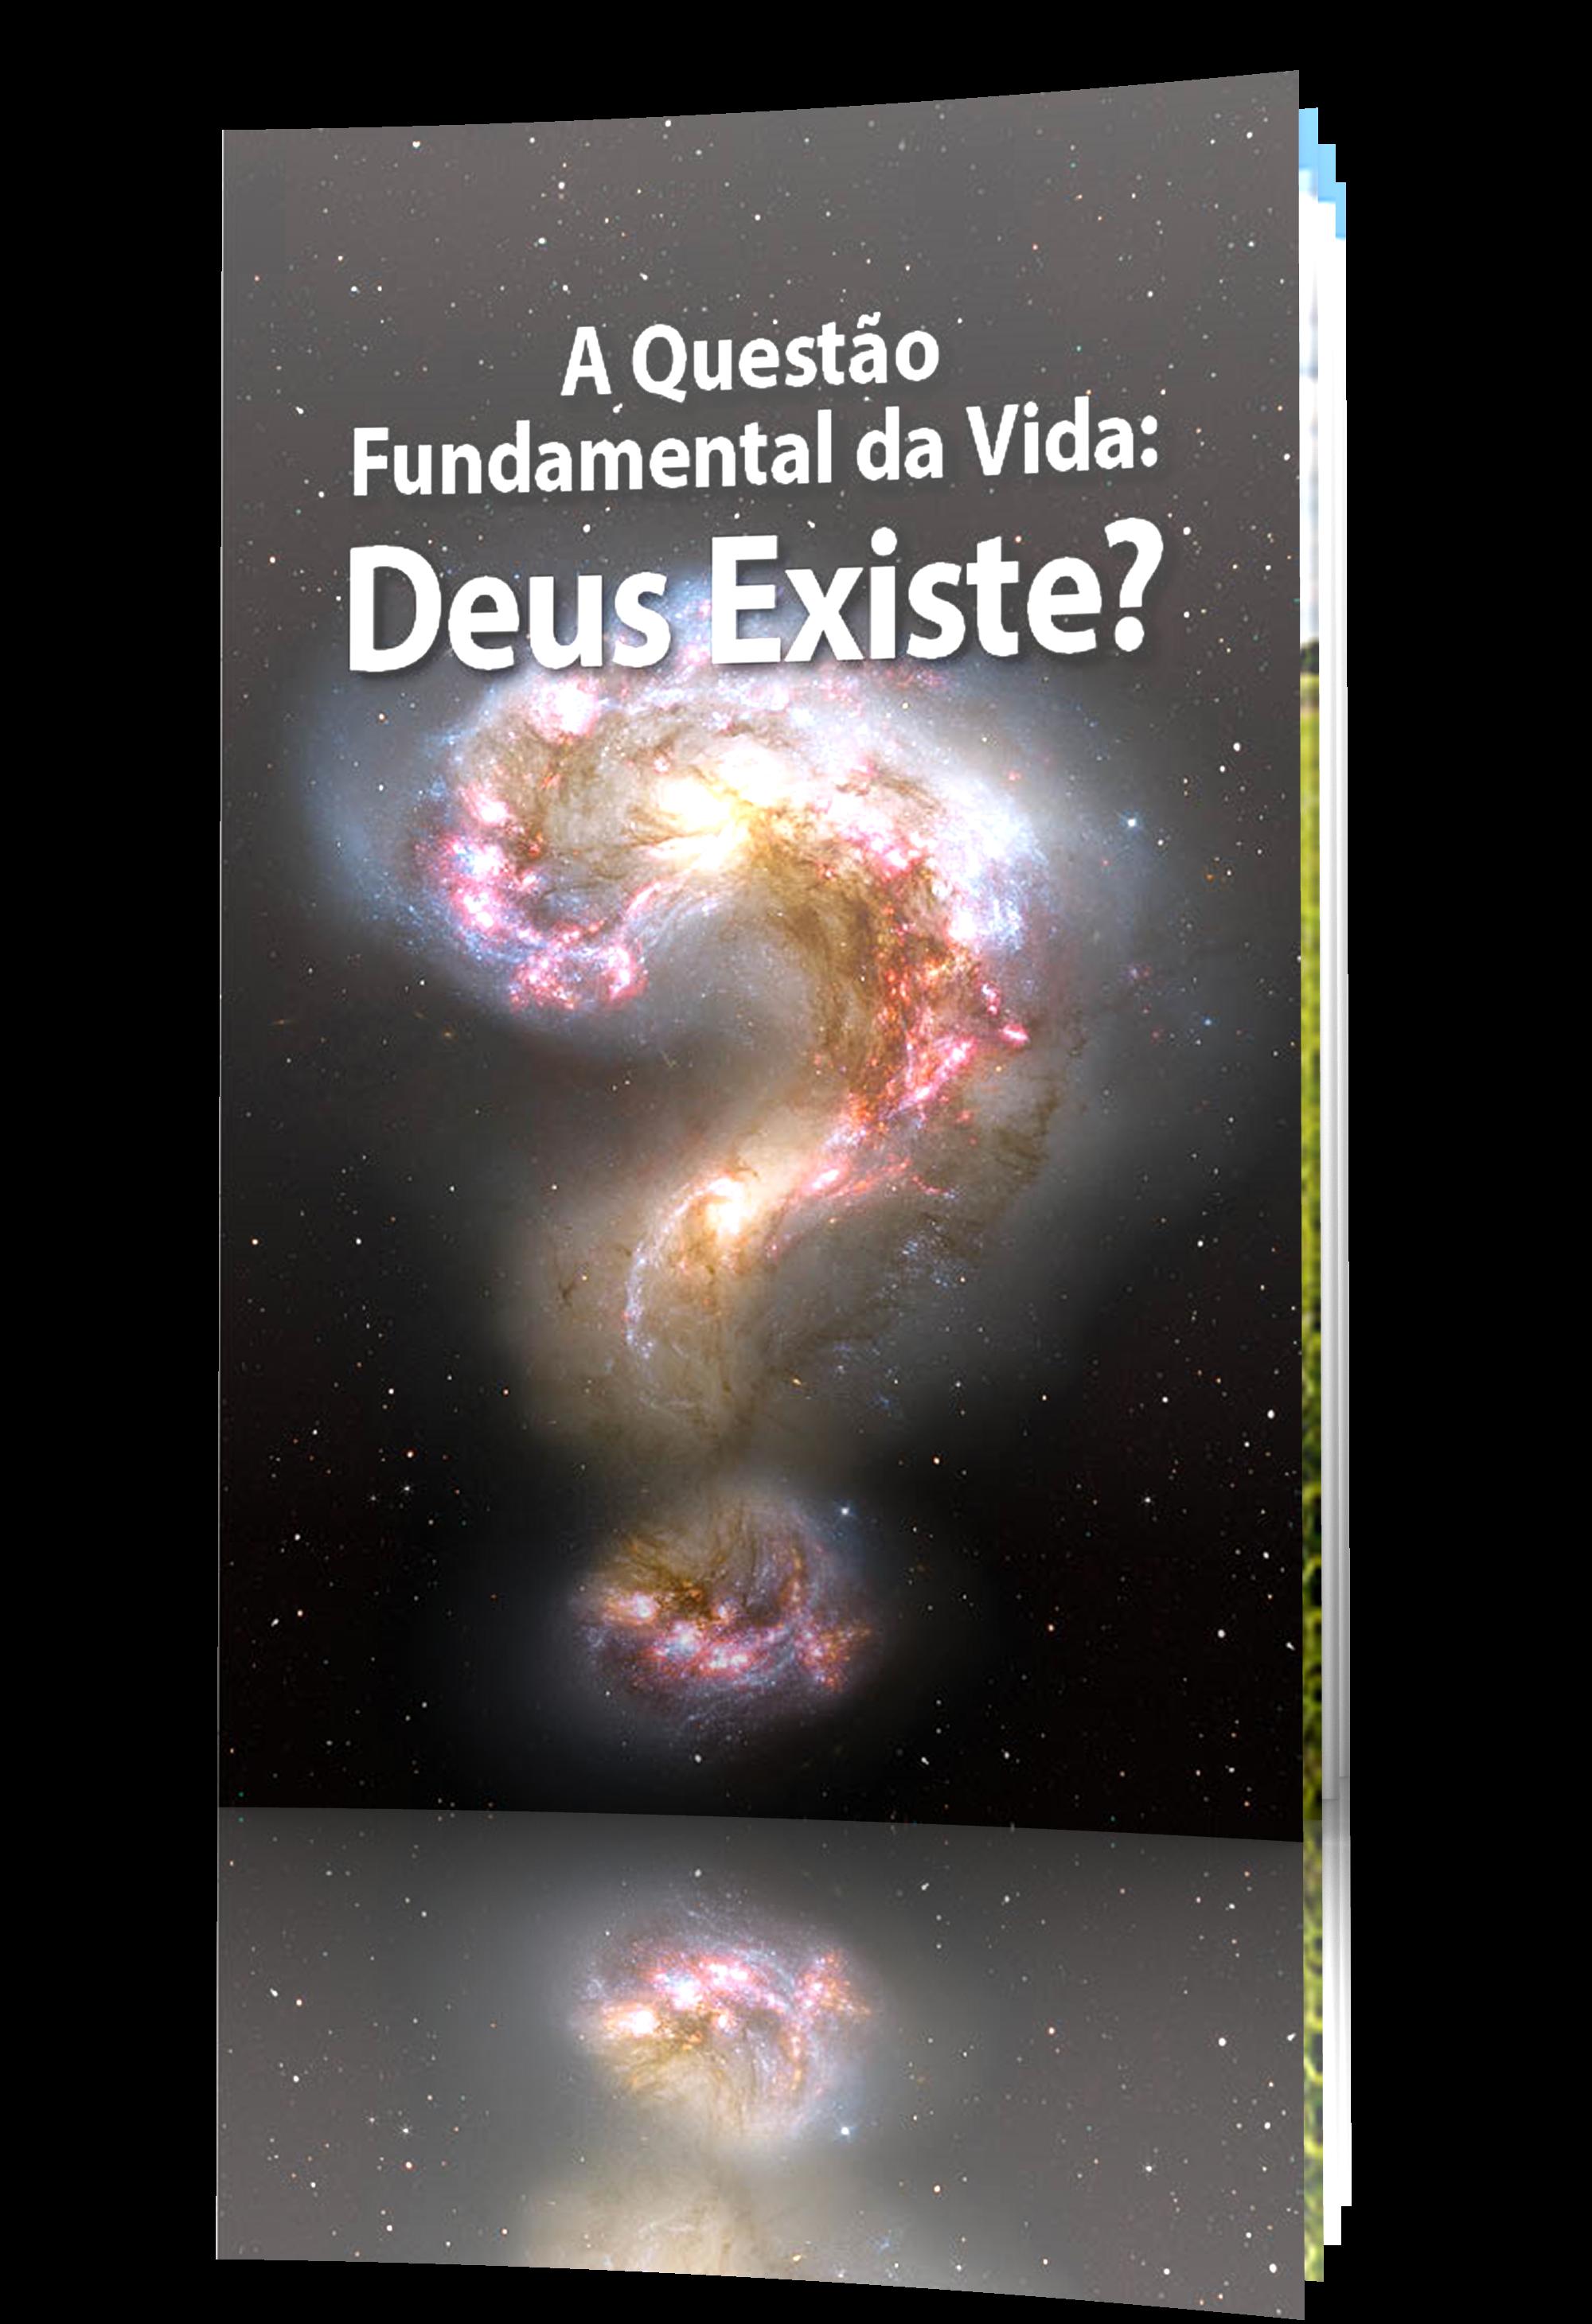 A Questão Fundamental da Vida: Deus Existe? | A Igreja de